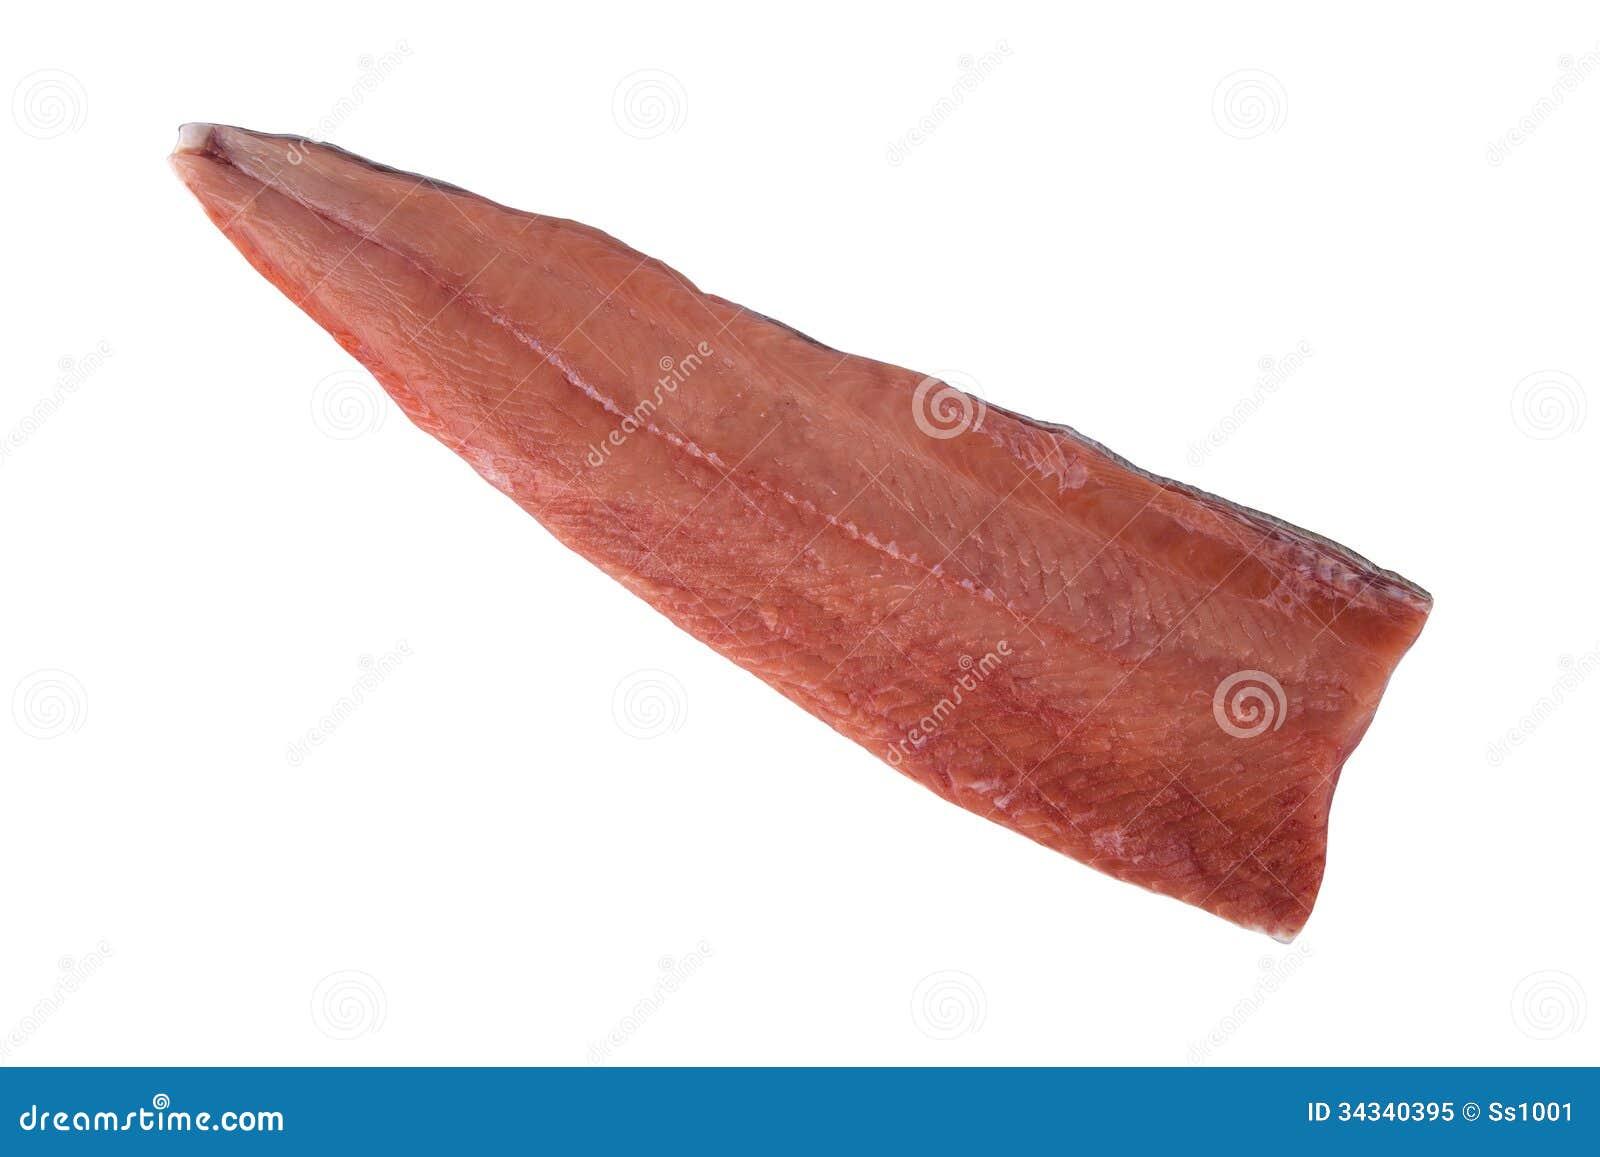 Siberian Salmon Stock Photo   CartoonDealer.com #34778640